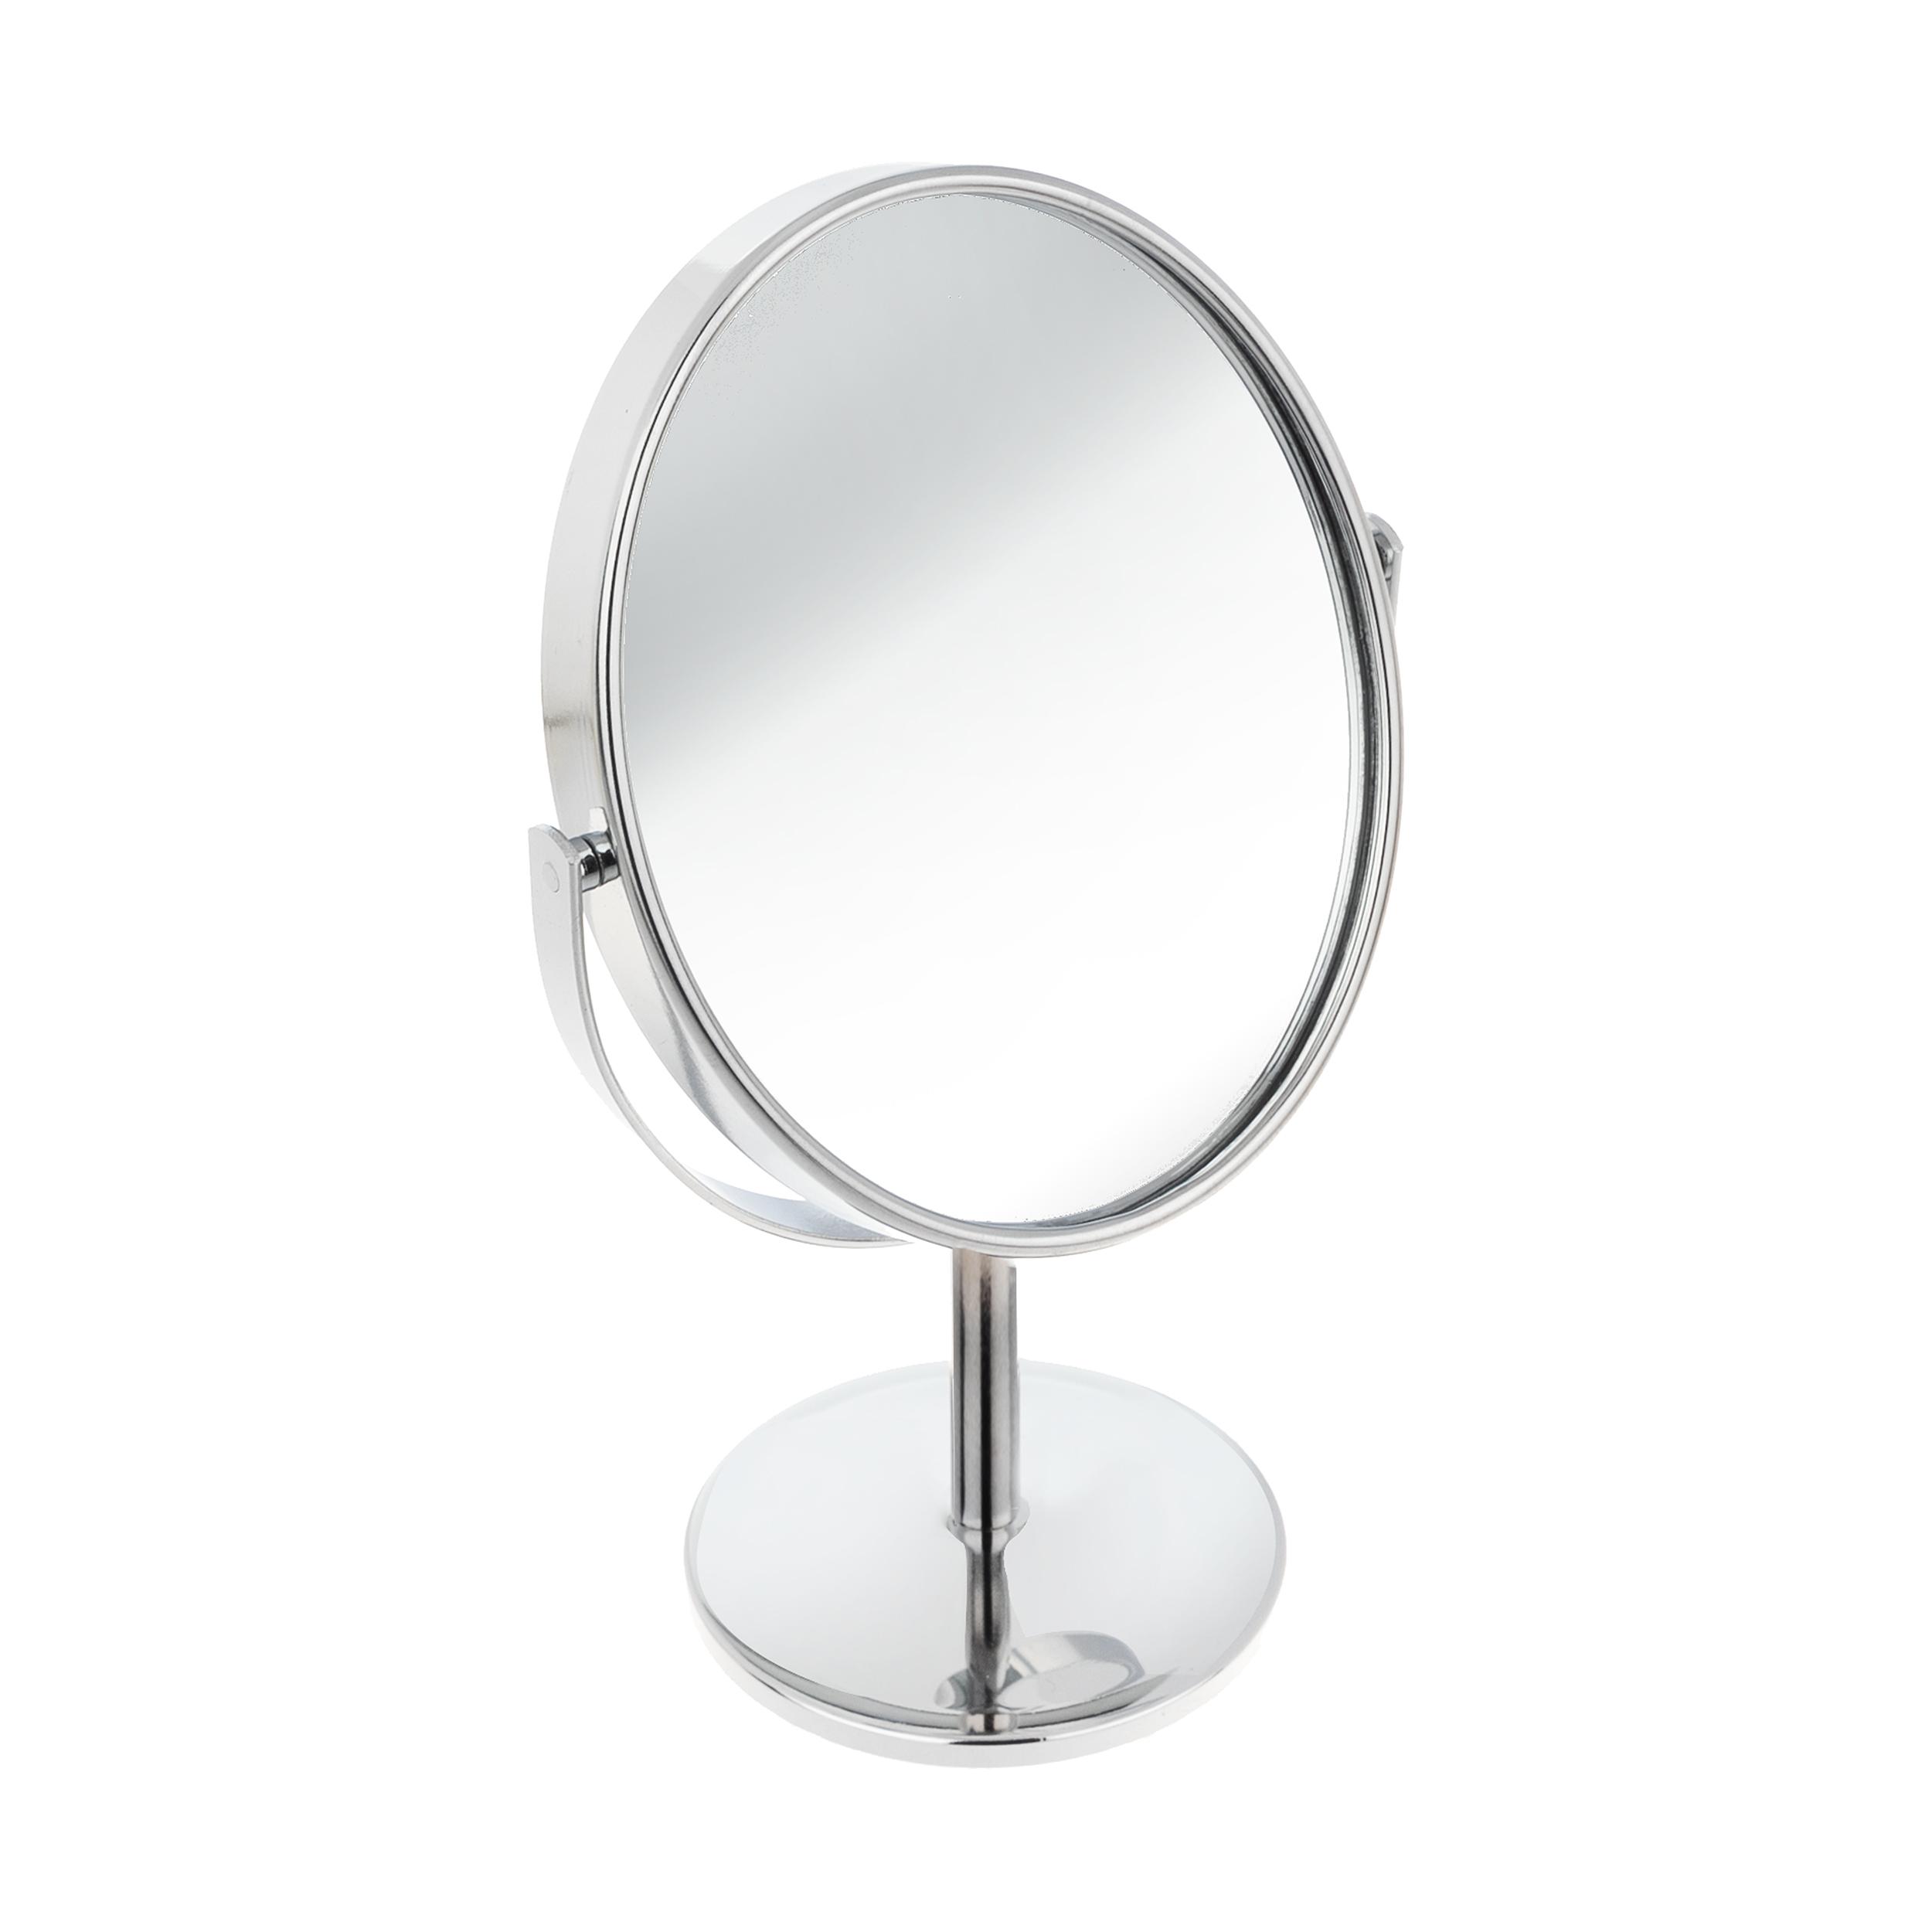 آینه آرایشی دِیزی مدل 81002